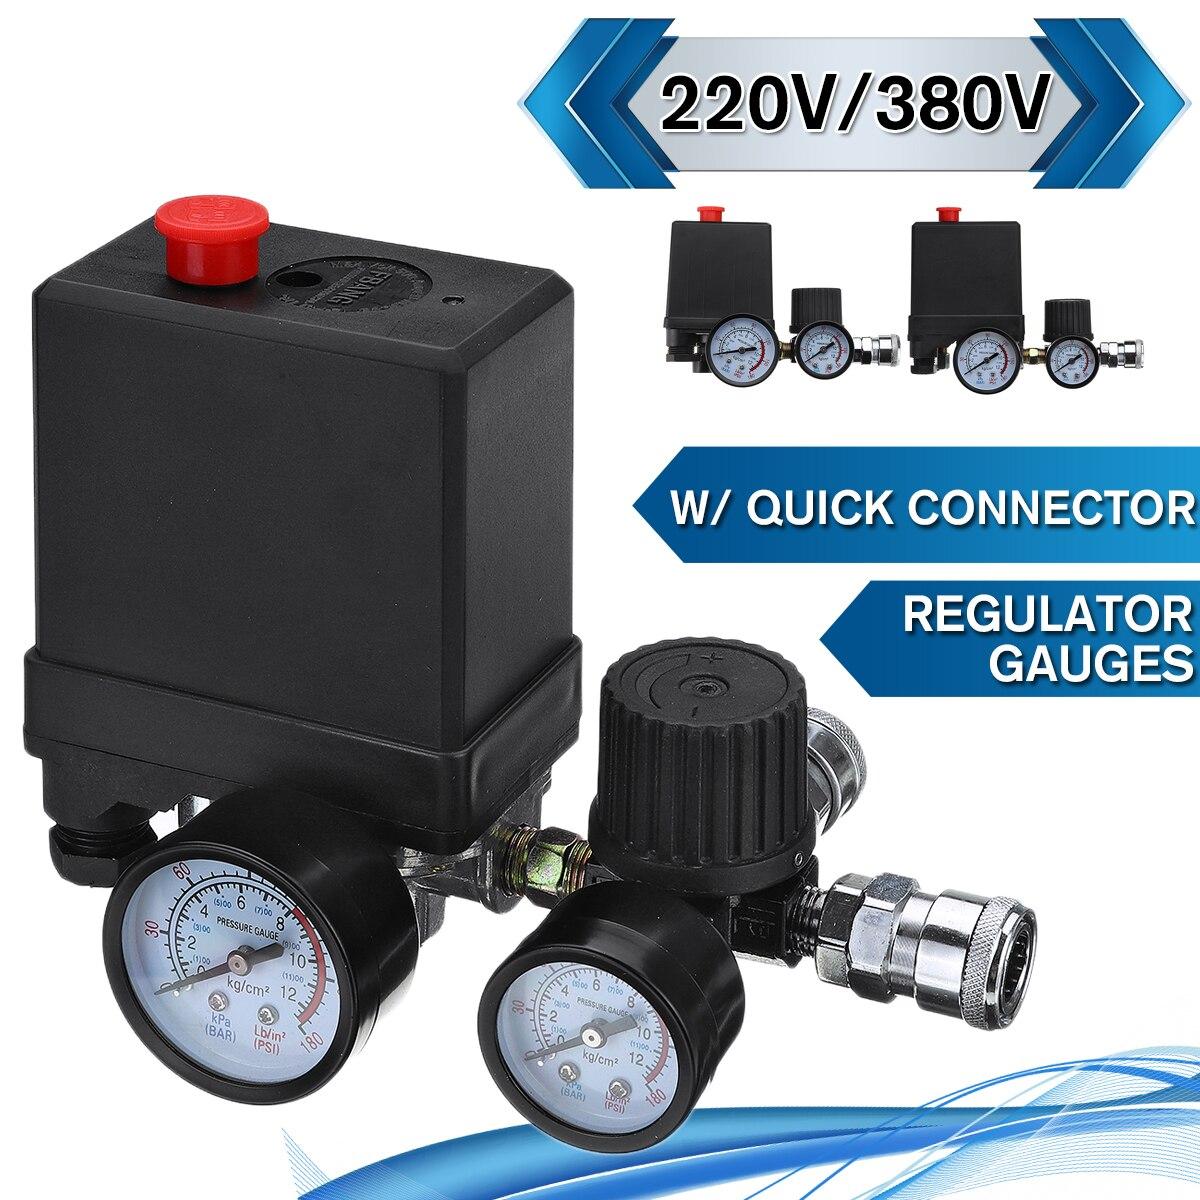 Воздушный компрессор насос переключатель контроля давления 4 порта 220В/380В регулятор сброса коллектора 30 120PSI контрольный клапан с манометромПневматические компоненты    АлиЭкспресс